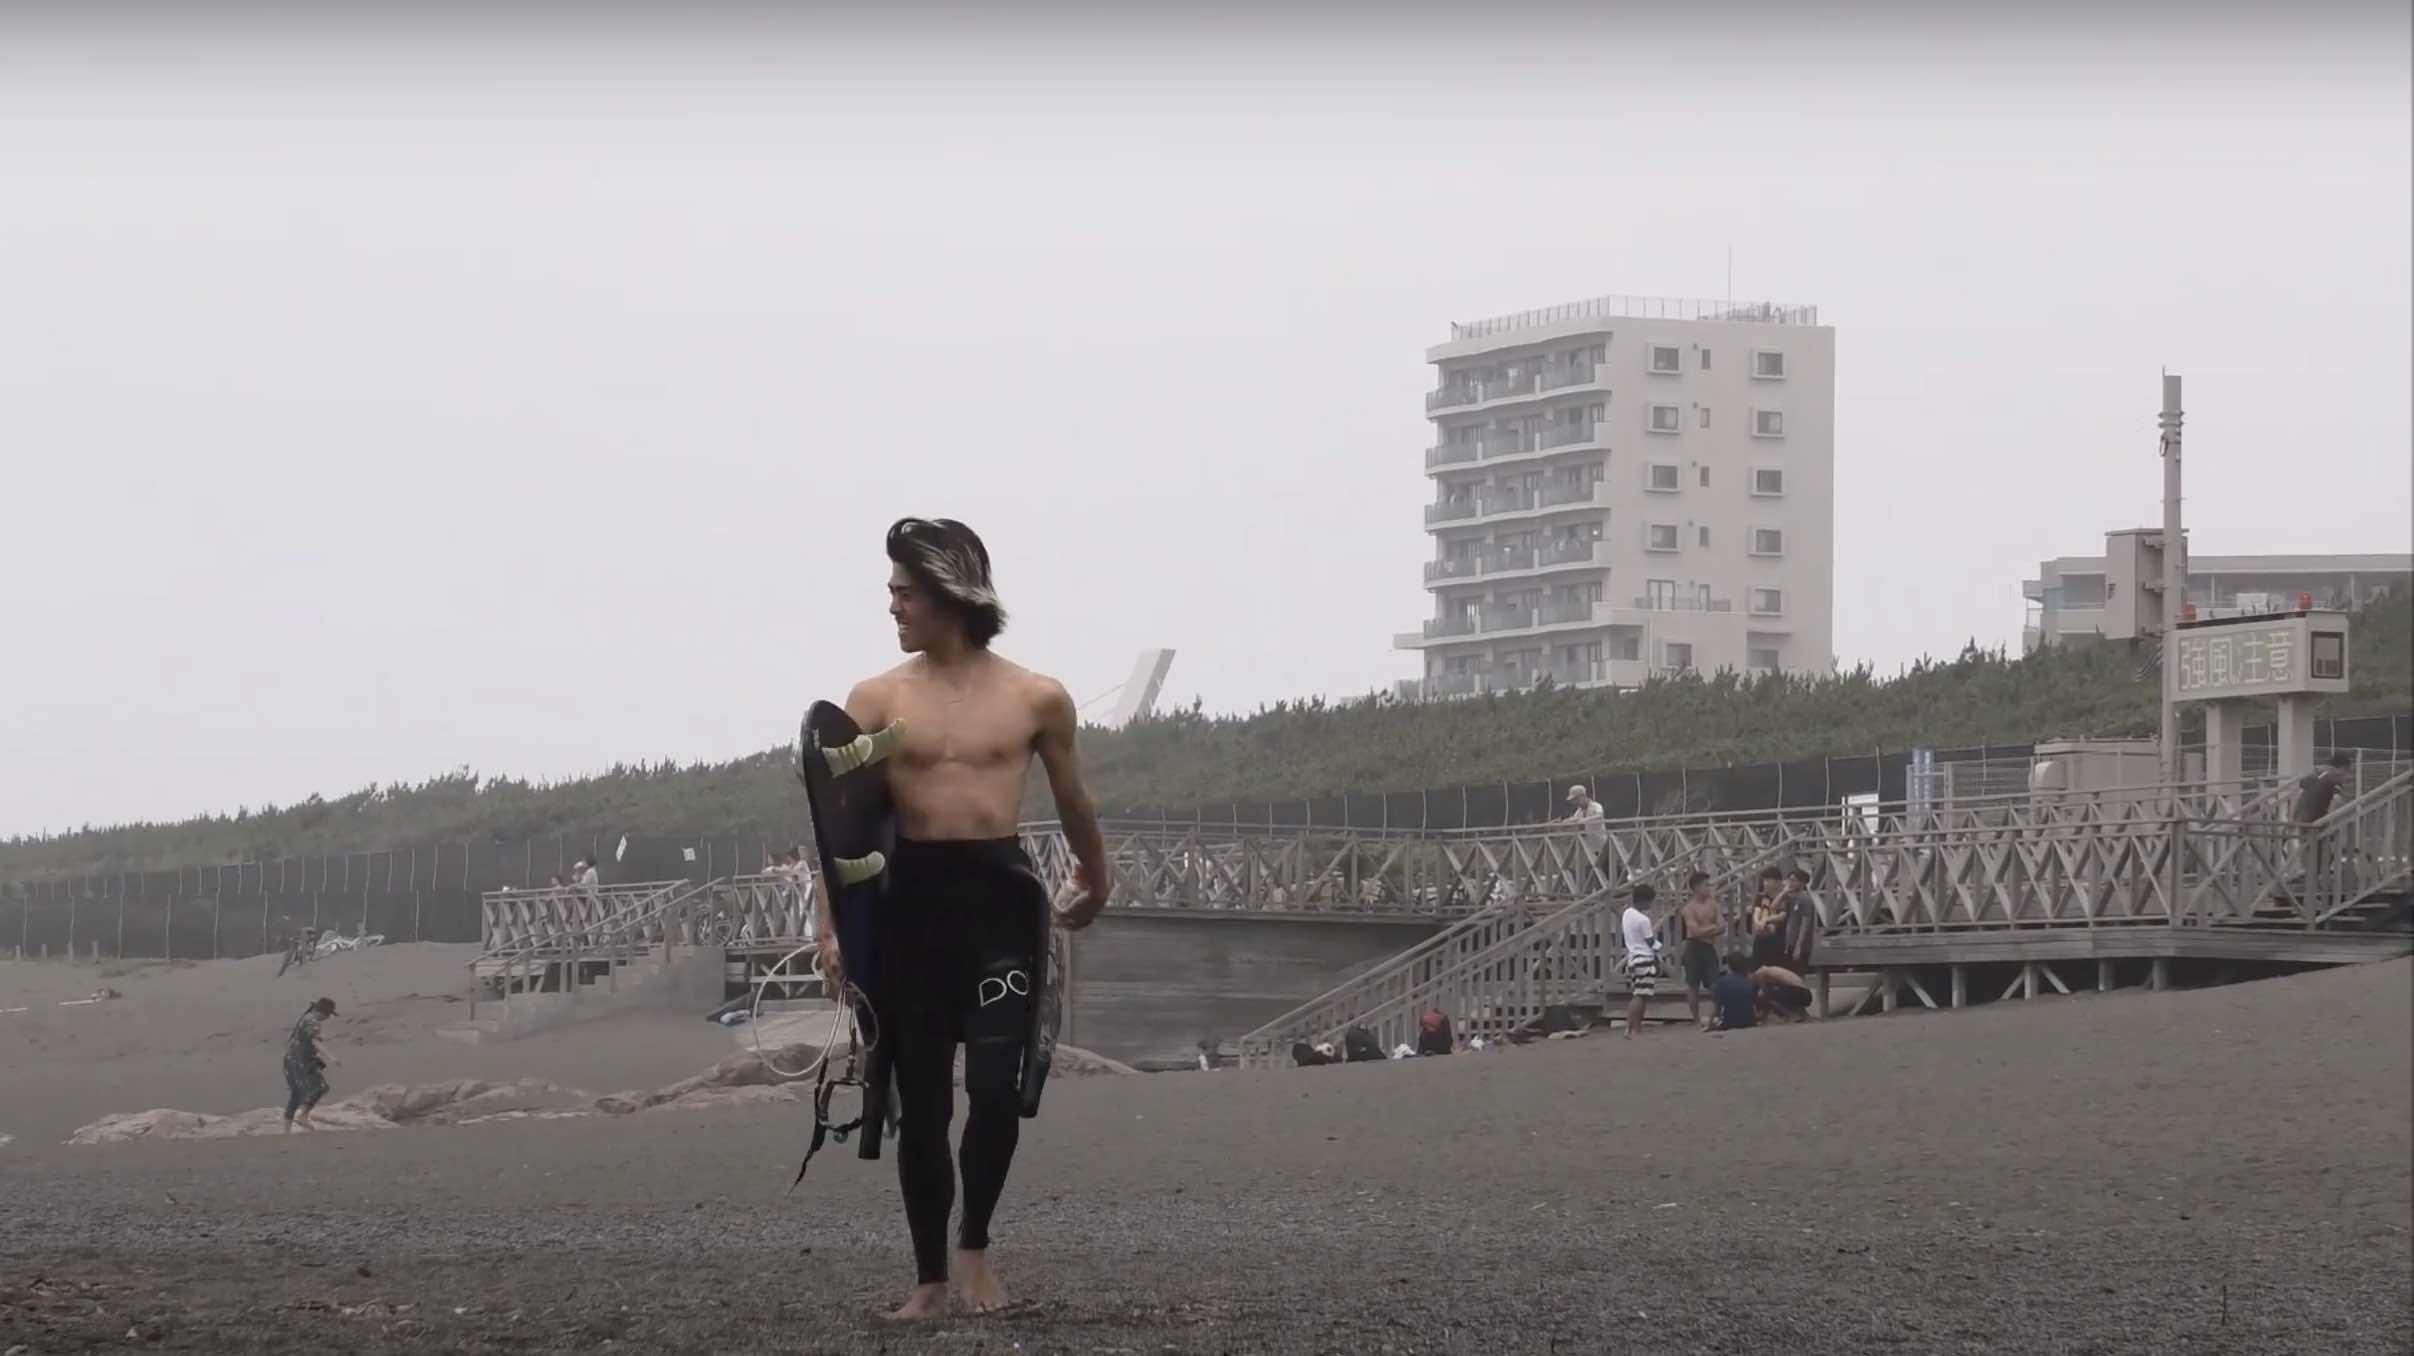 """【6/28(日)】Joistik surfboardsのPU製""""SilentDavage""""モデルに乗る村上蓮と、EPSカーボロード製""""MINDJAR""""モデルに乗るサーフスケートチャンプ澤田昇太によるサンデー湘南セッション"""